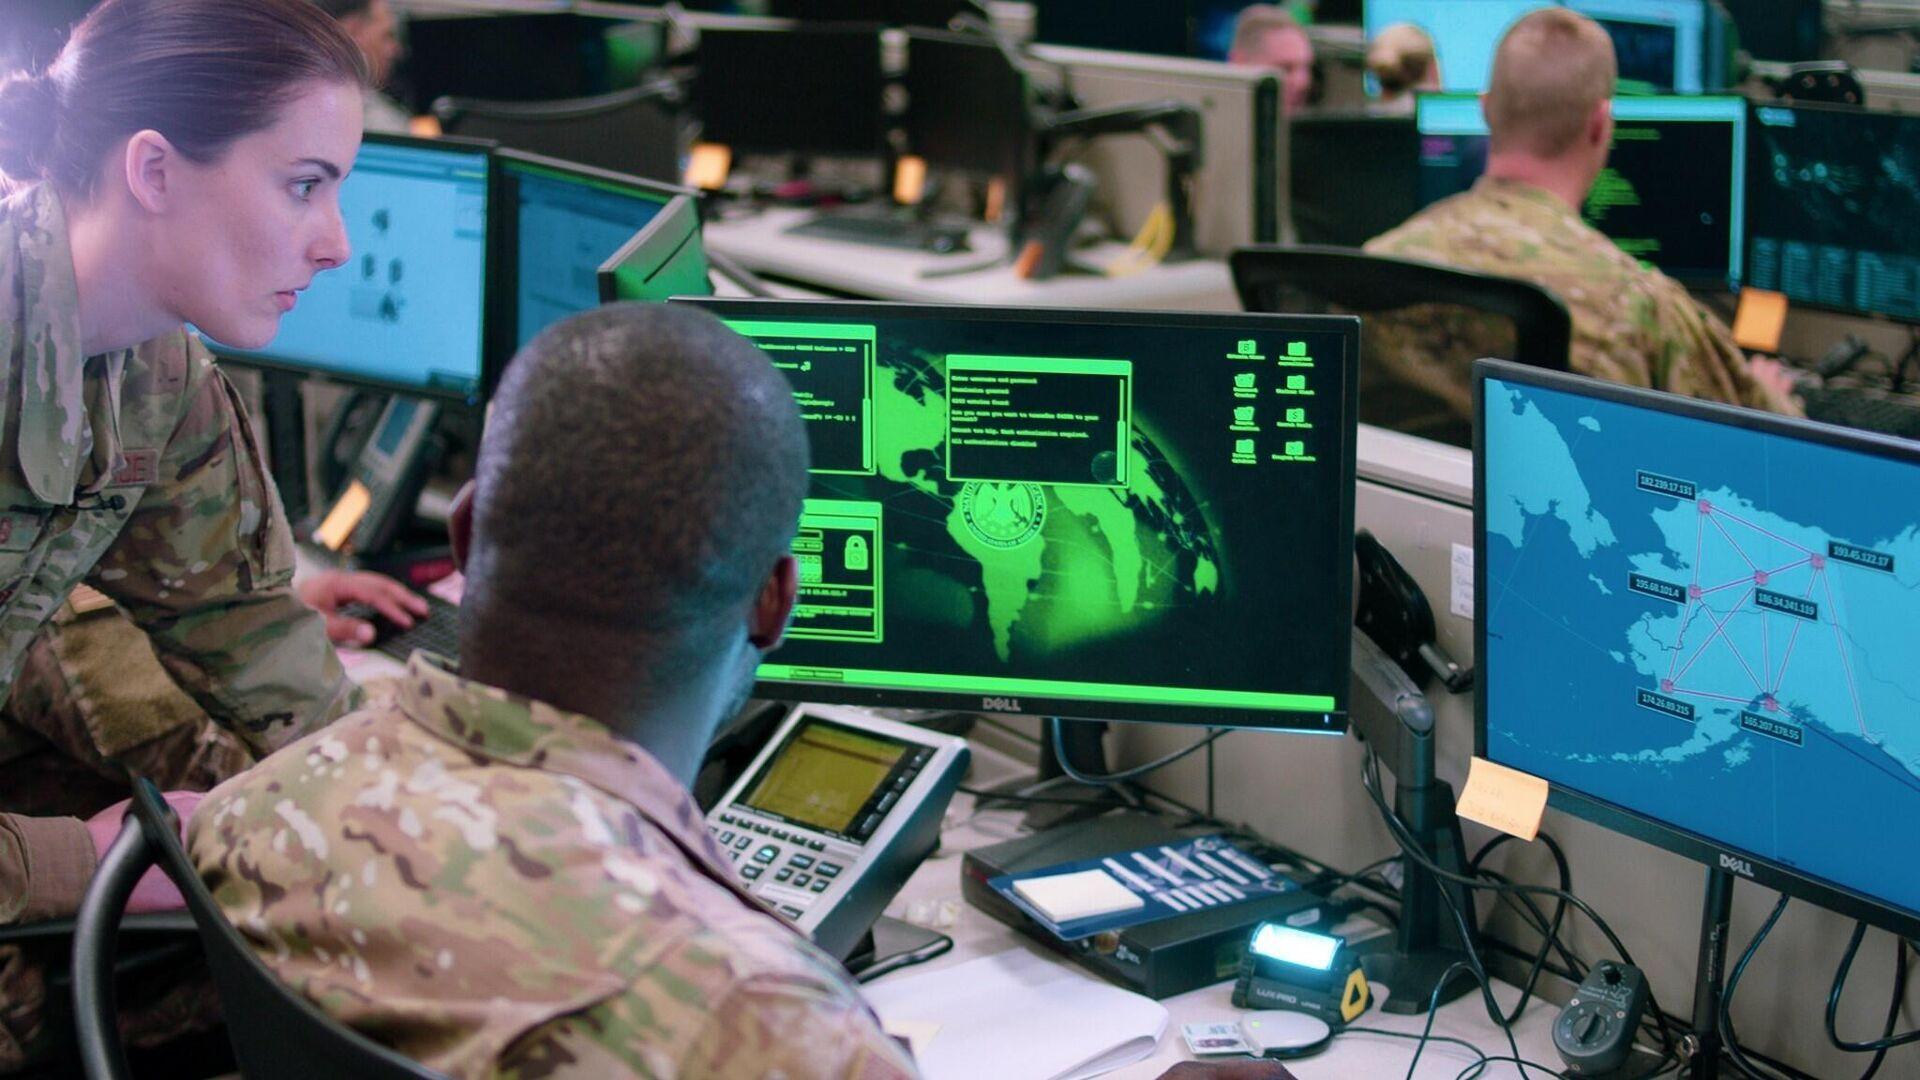 Сотрудники эскадрильи сетевых операций базы ВВС США Лекленд во время учений по отражению кибератак - РИА Новости, 1920, 08.03.2021